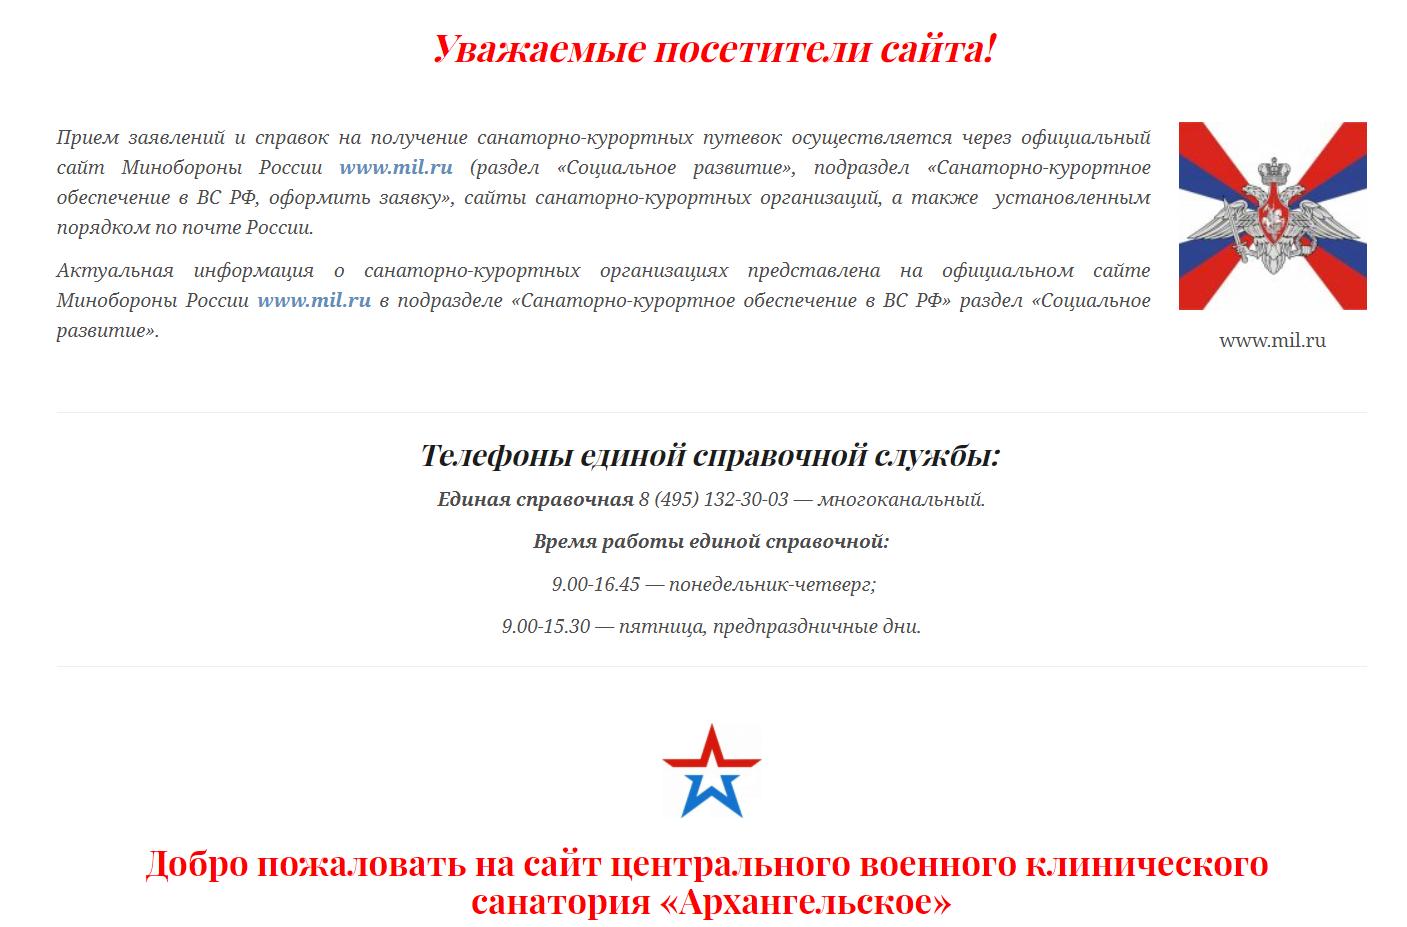 ознакомиться с информацией о санатории «Архангельское» можно на официальном сайте